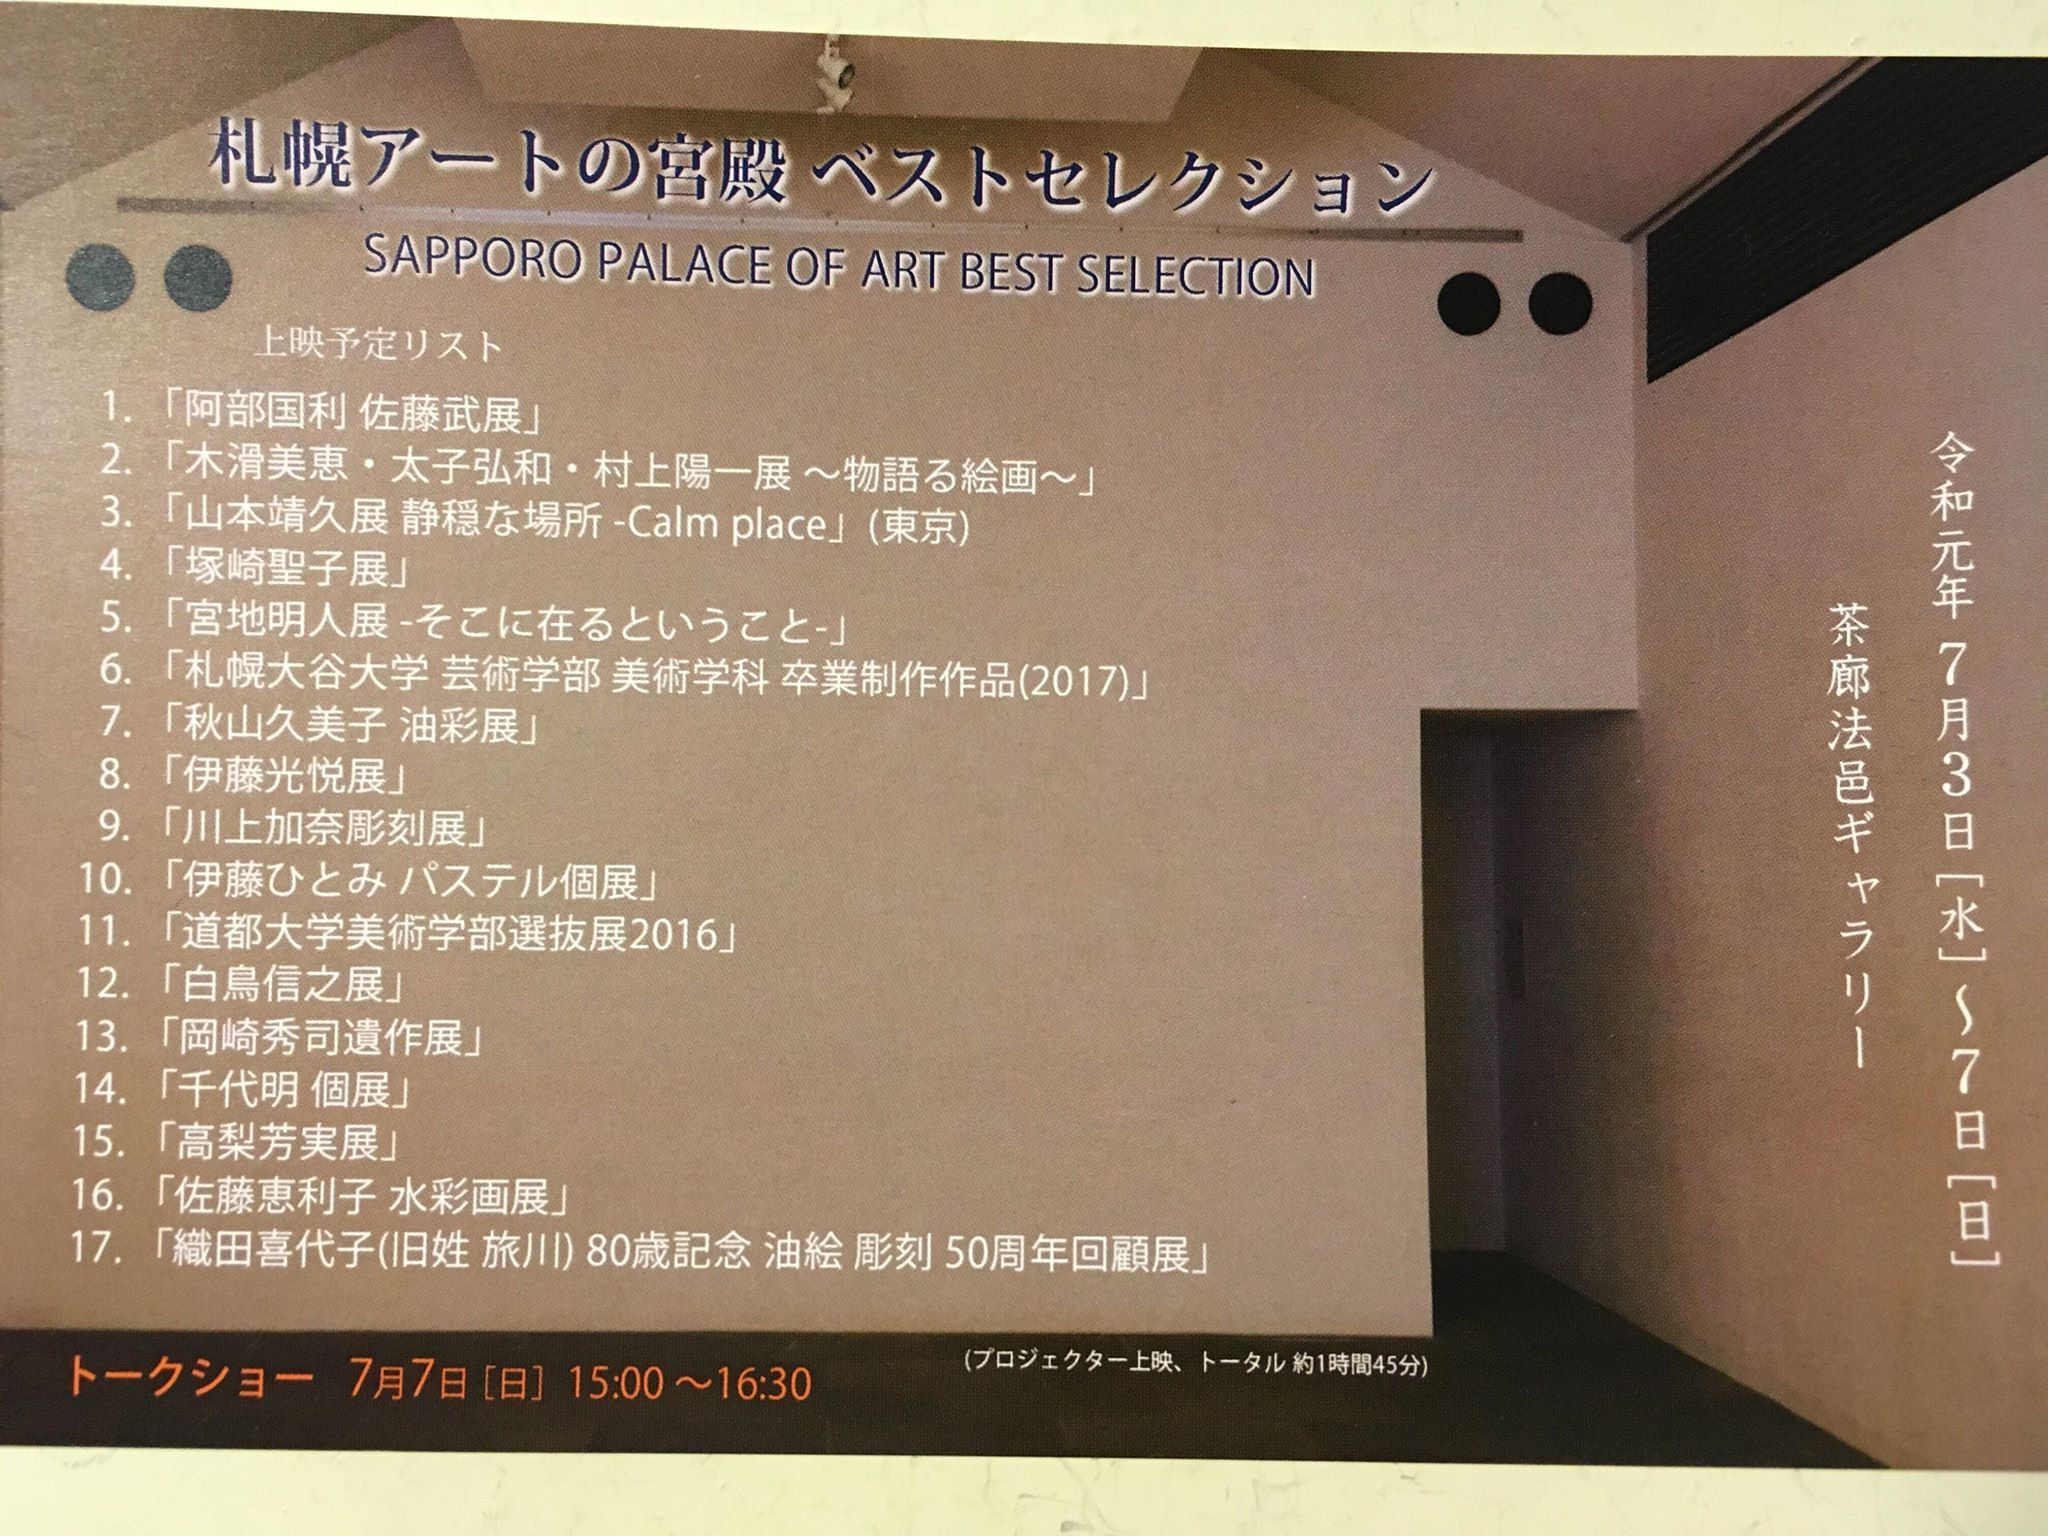 「札幌アートの宮殿 ベストセレクション」上映会_c0025115_22391819.jpg